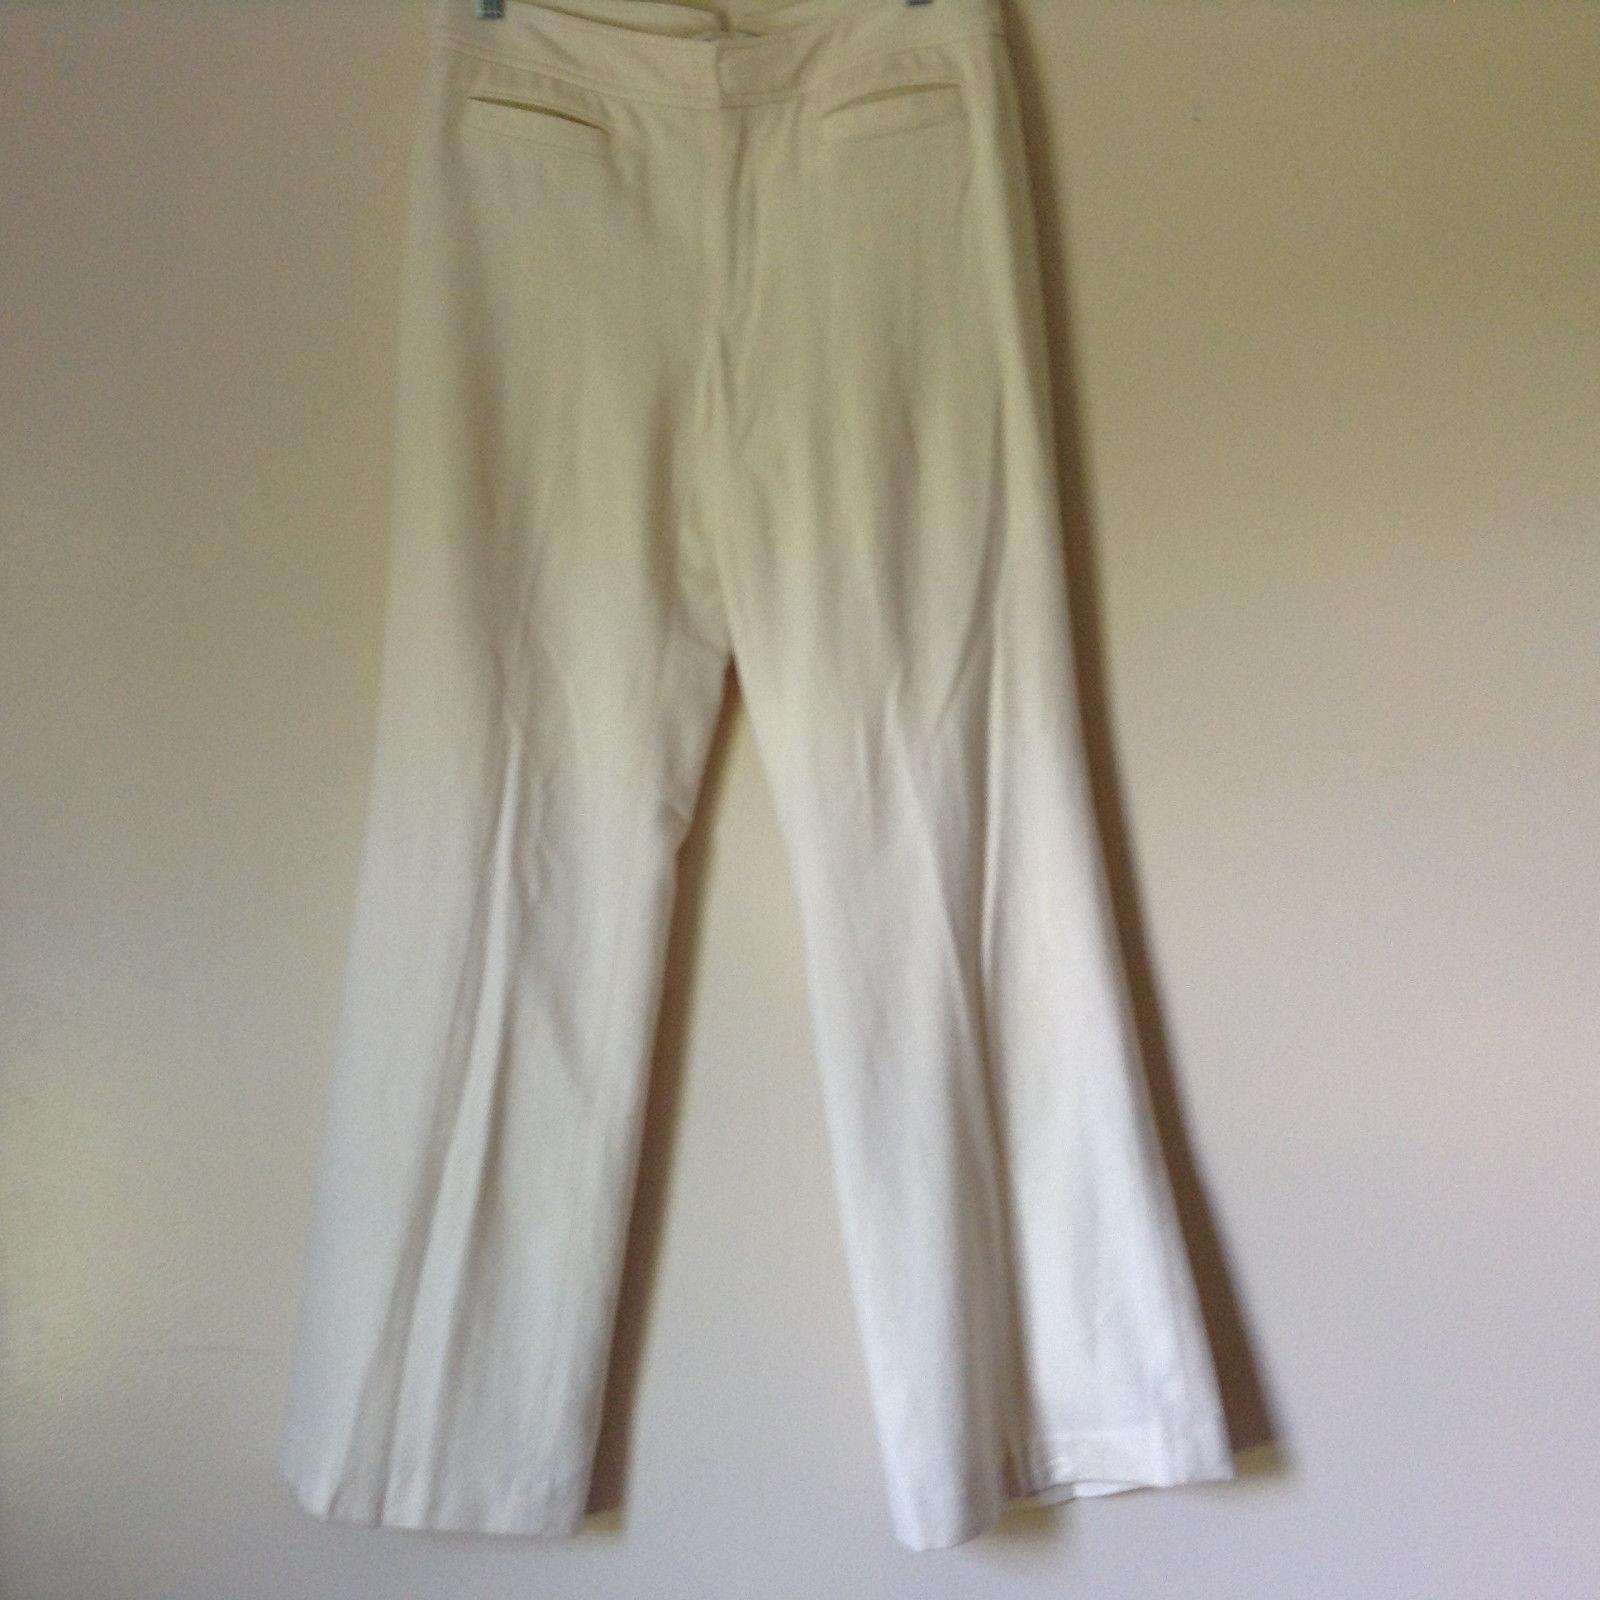 White Dress Pants by Banana Republic Harrison Stretch Size 6